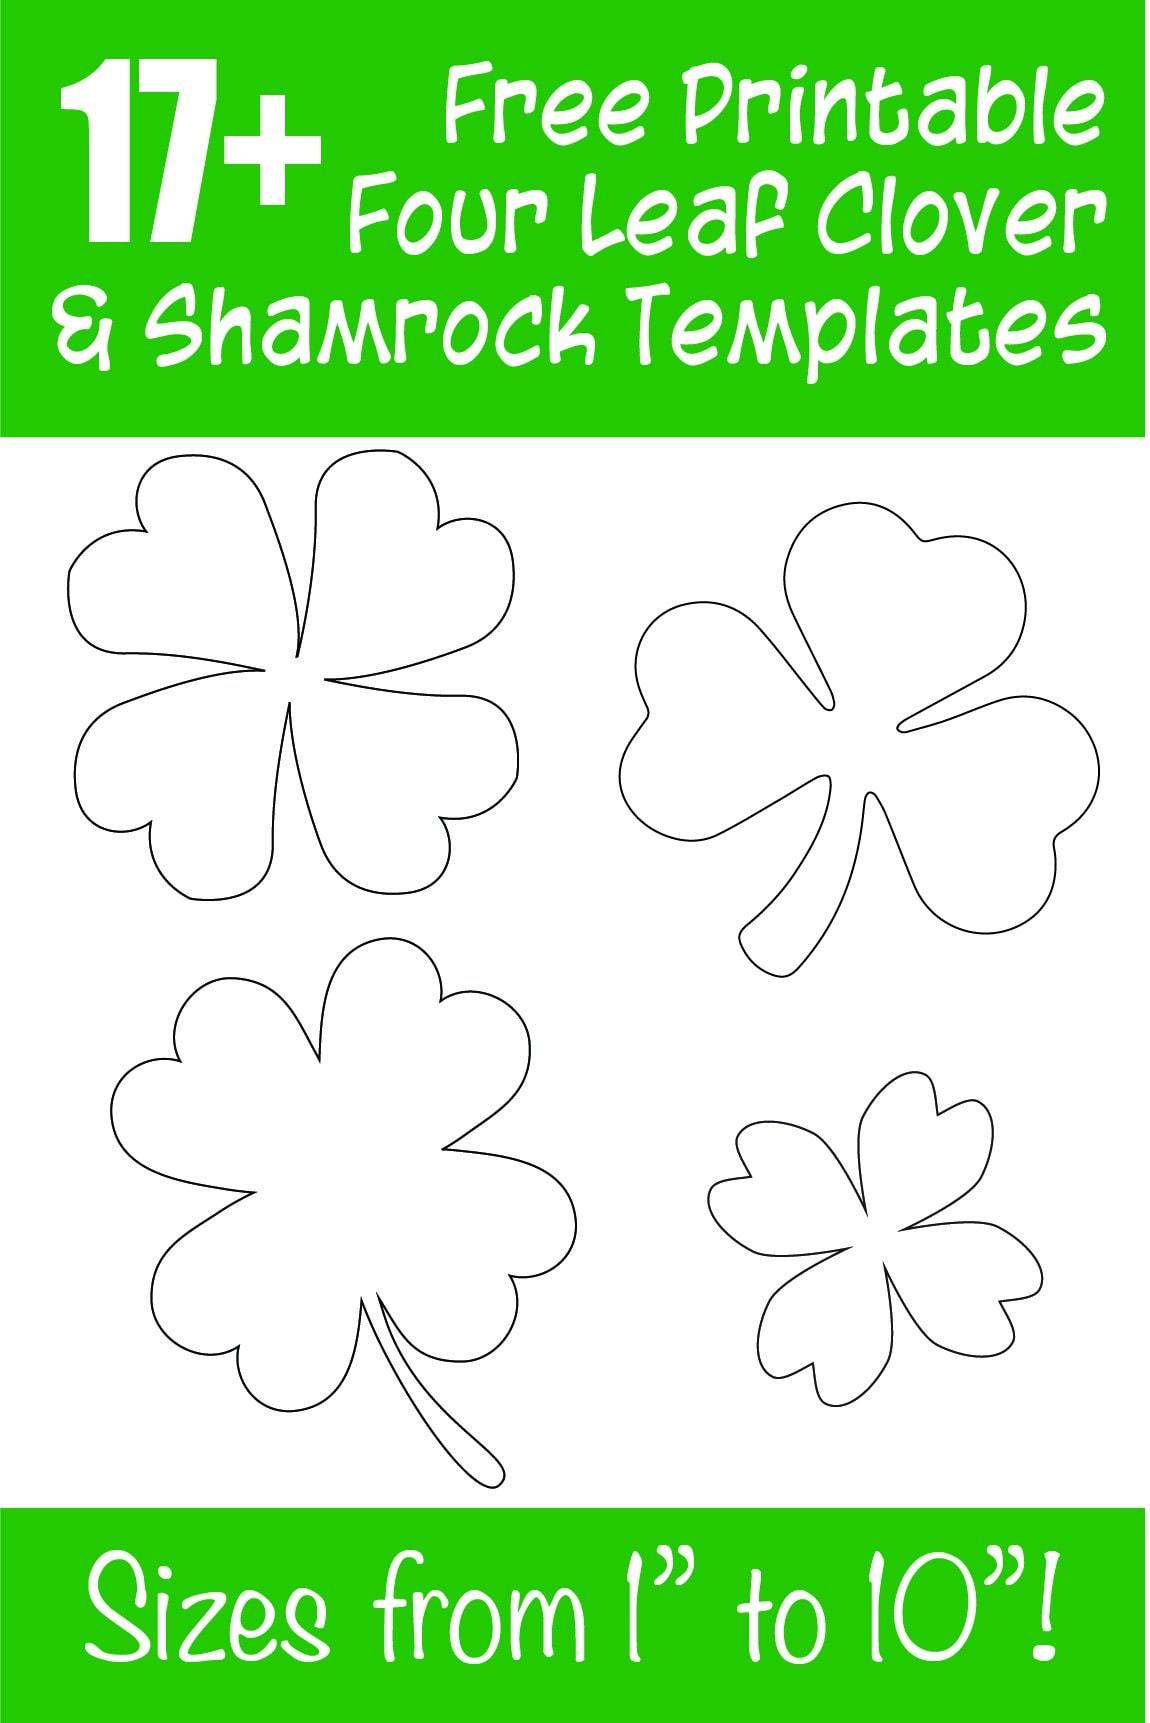 17+ Free Printable Four Leaf Clover & Shamrock Templates - The - Four Leaf Clover Template Printable Free